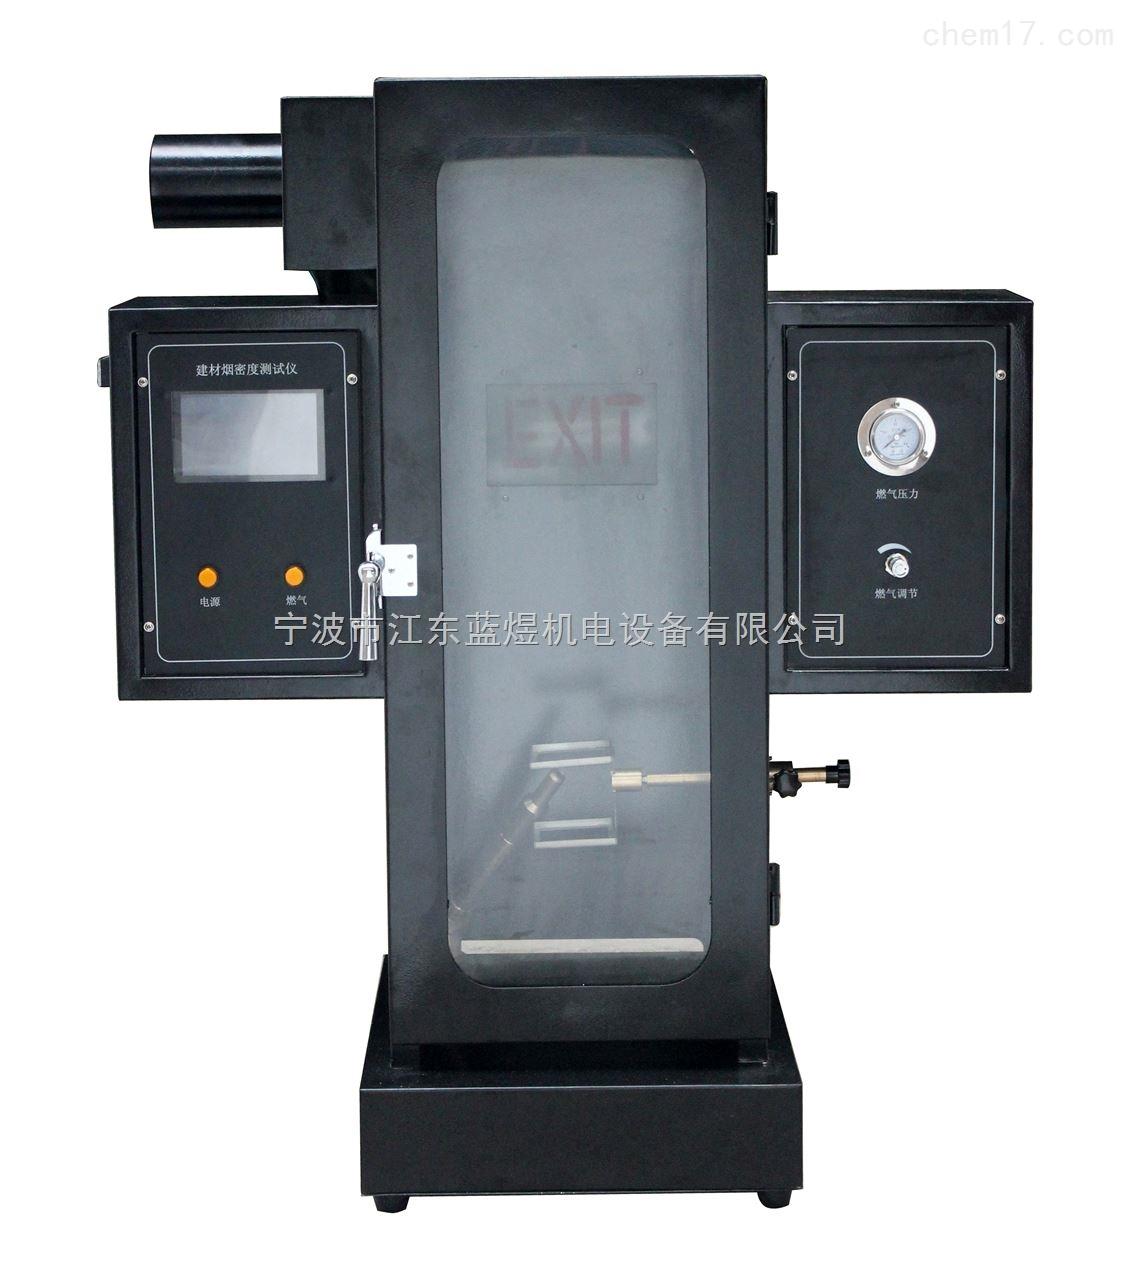 触屏控制技术的建材烟密度测试仪